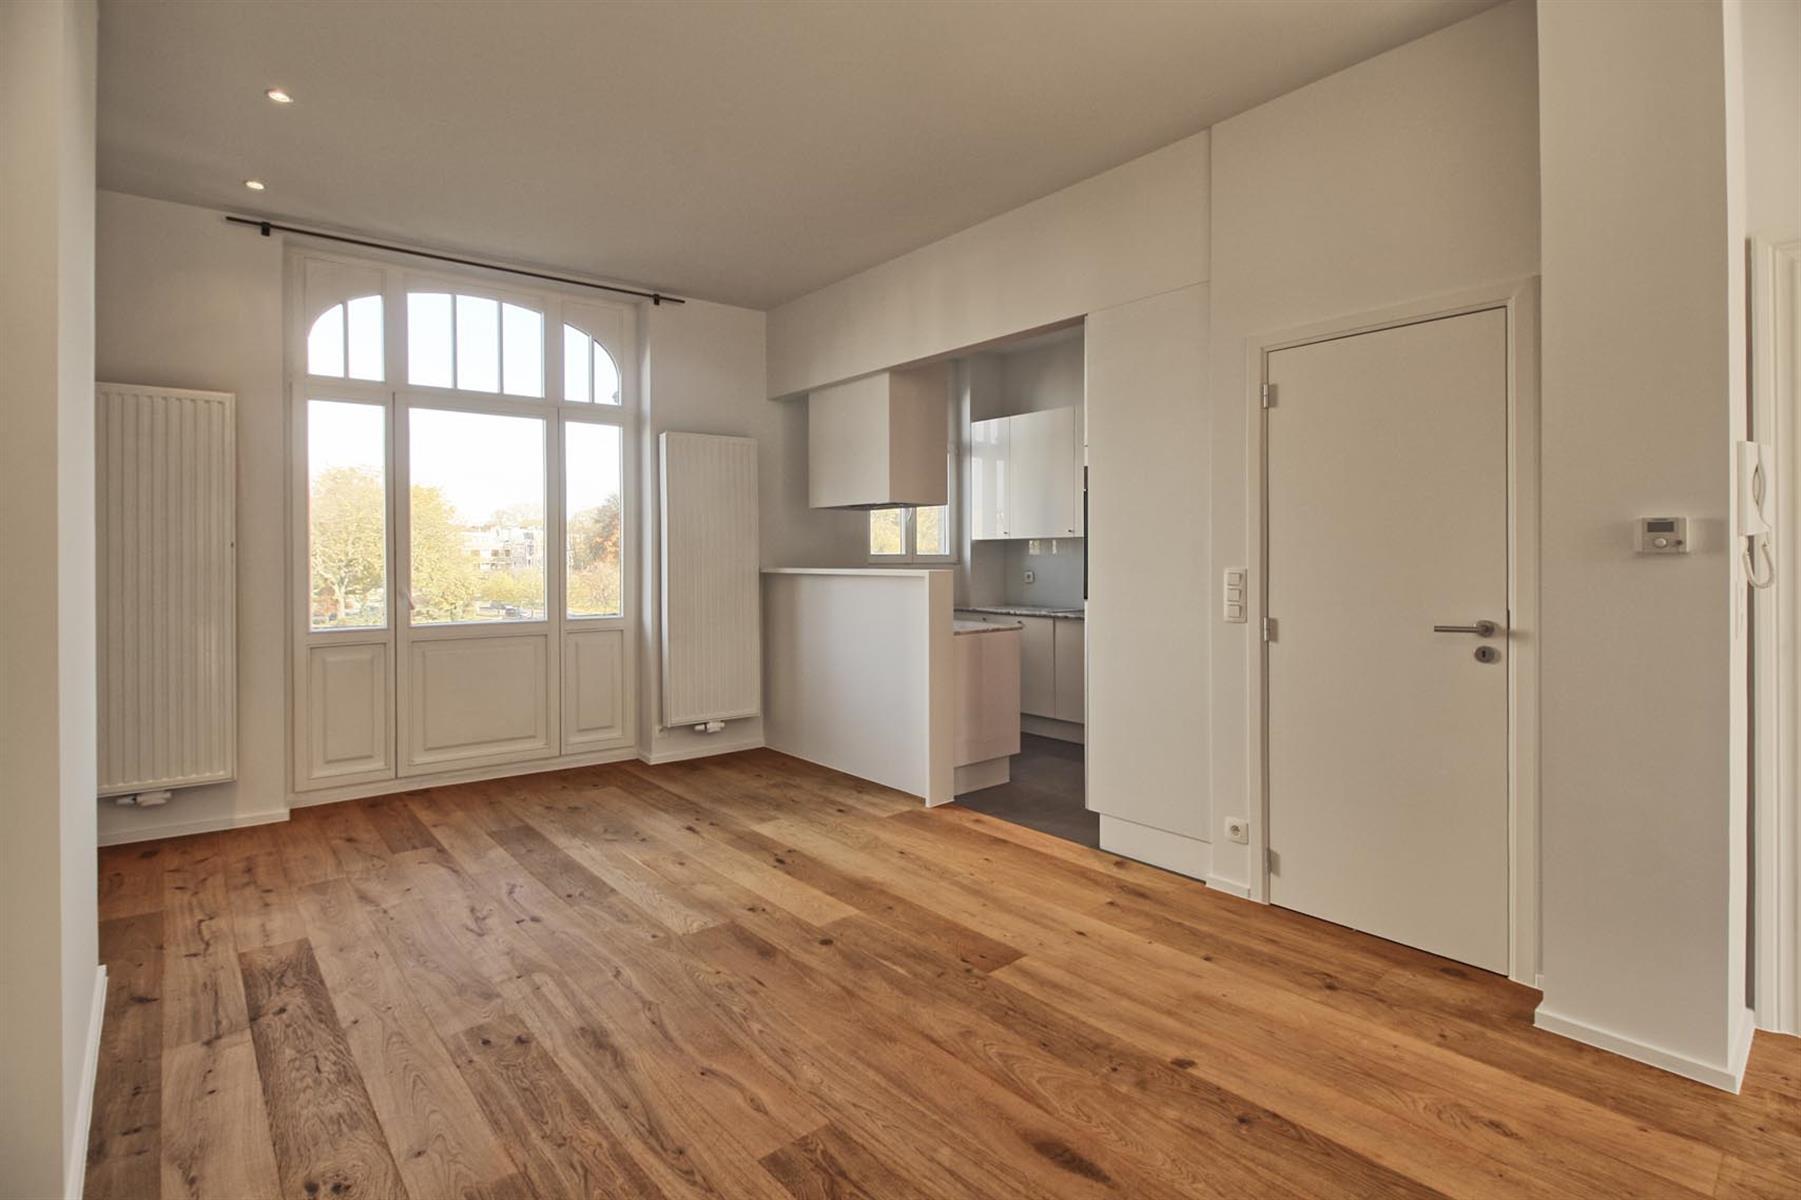 Appartement - Schaerbeek - #4289658-1